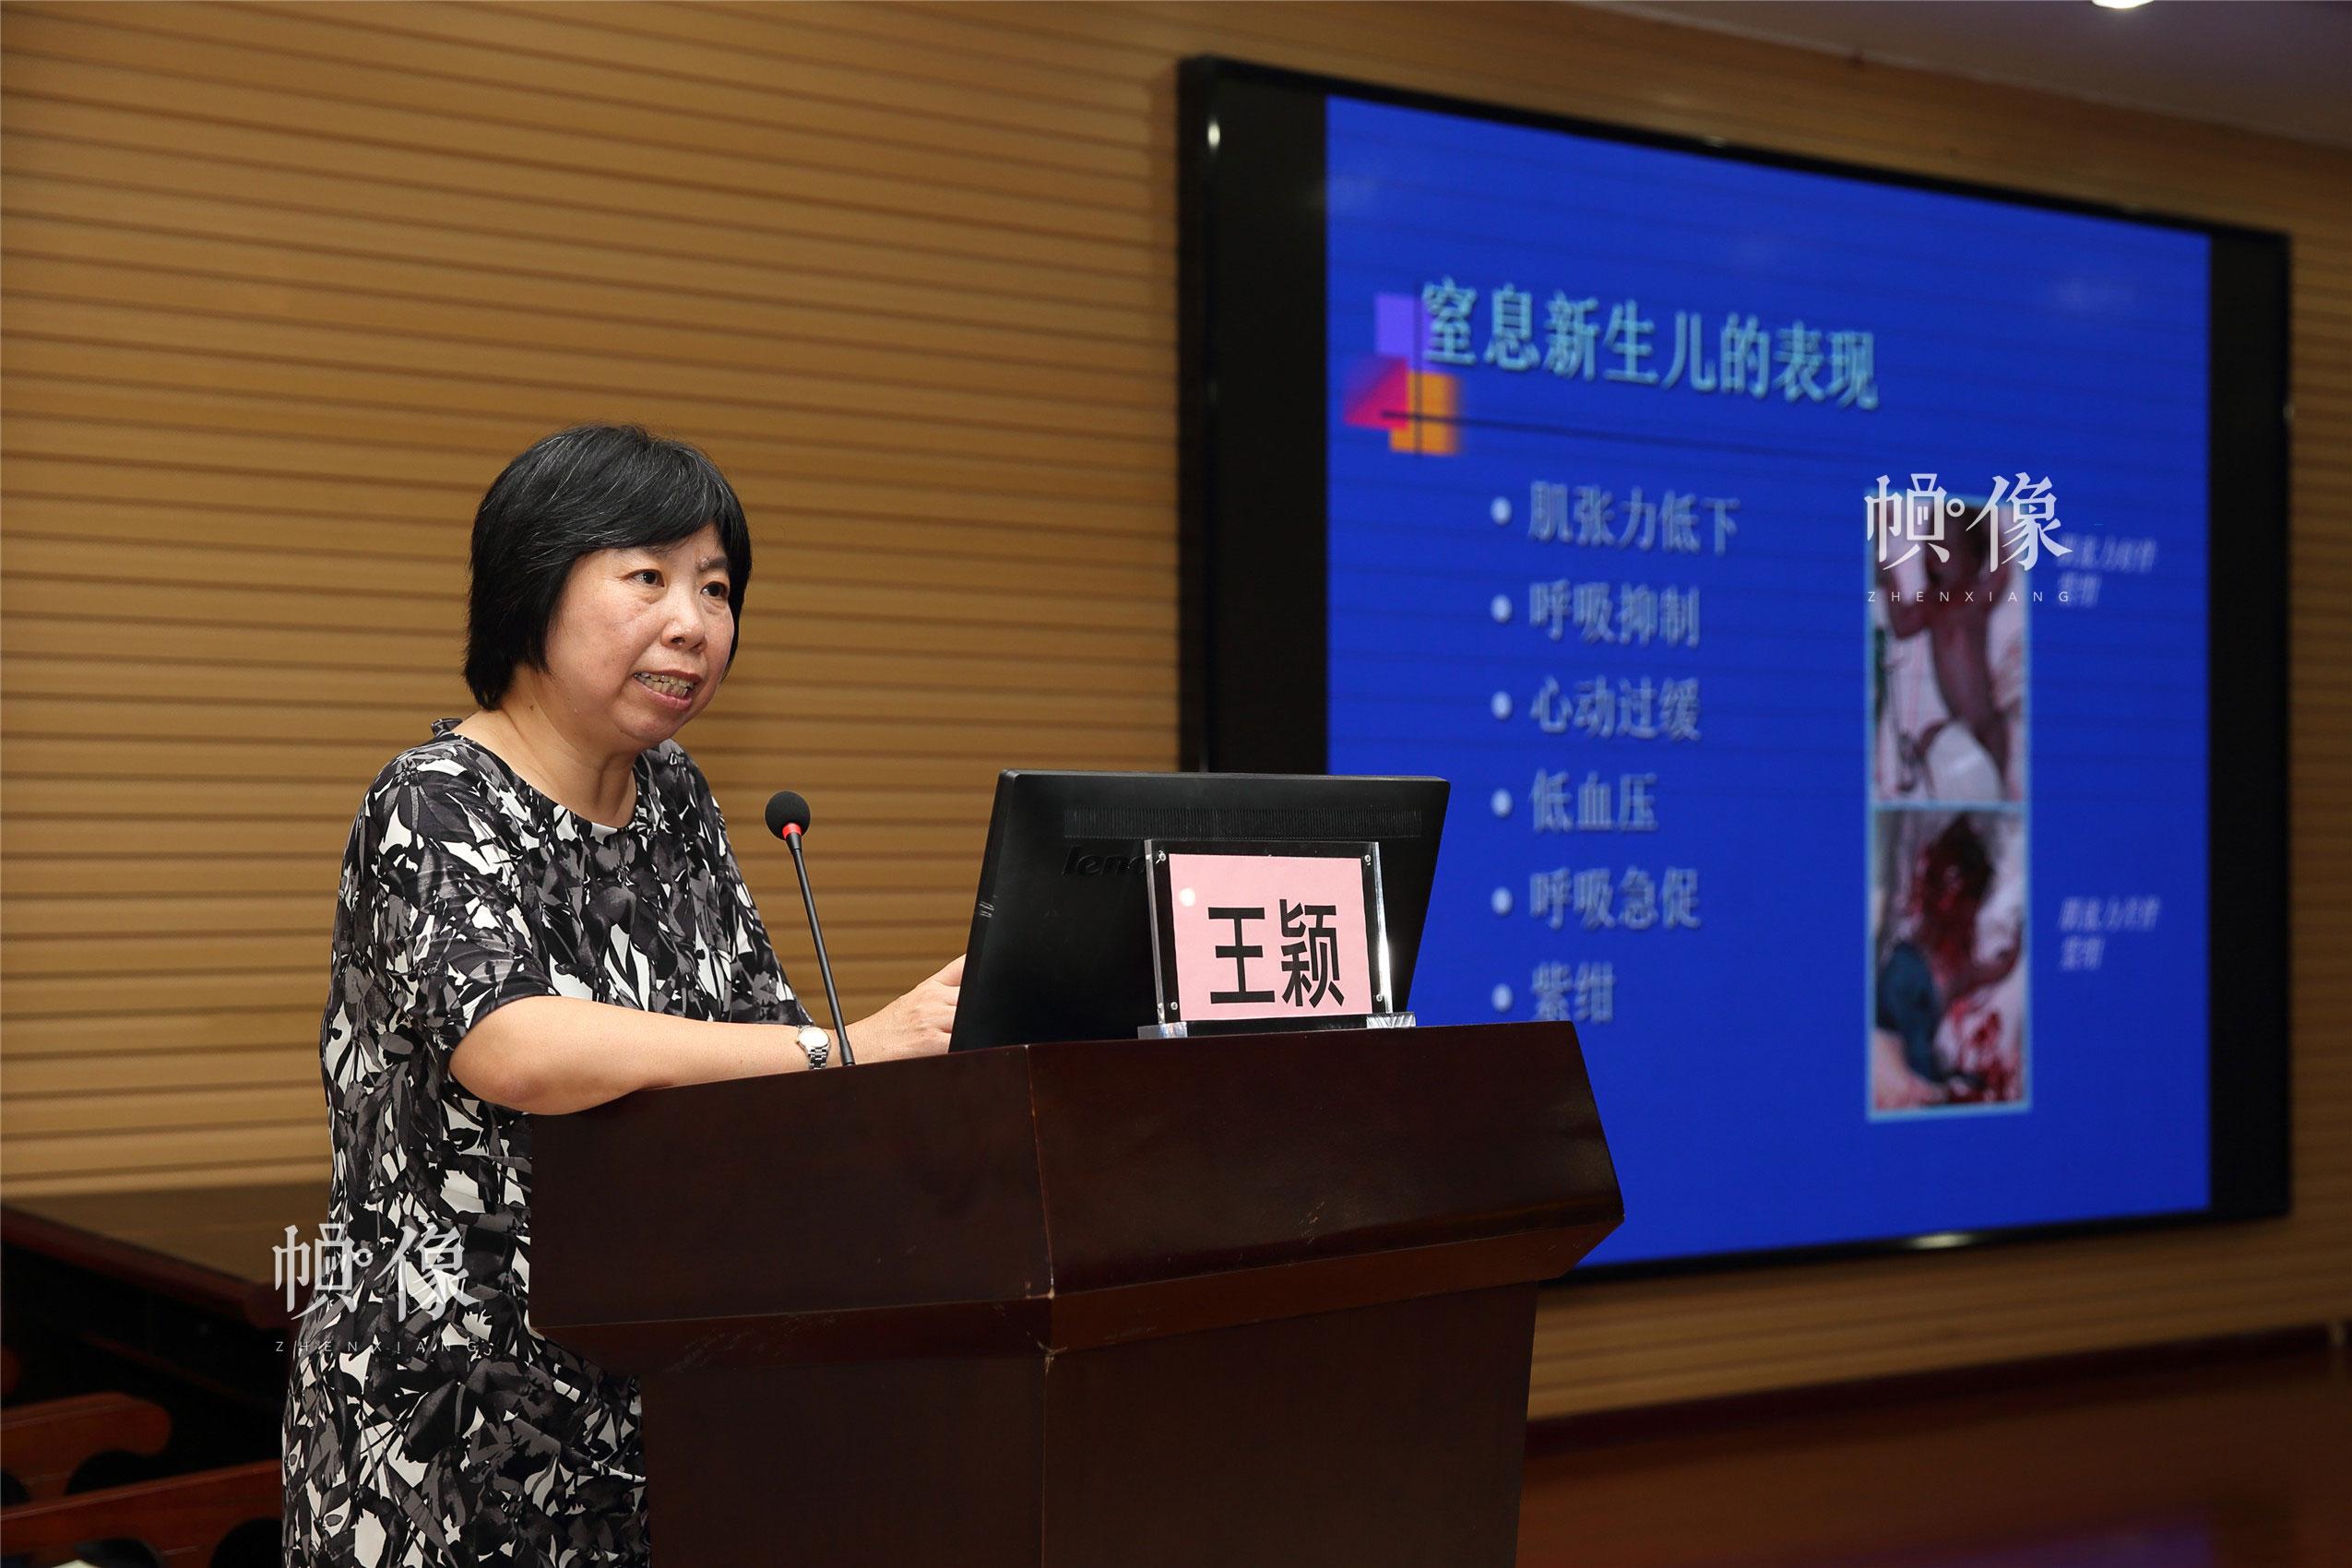 北大医院新生儿科重症监护室王颖教授为当地医生进行培训。中国网记者 陈维松 摄